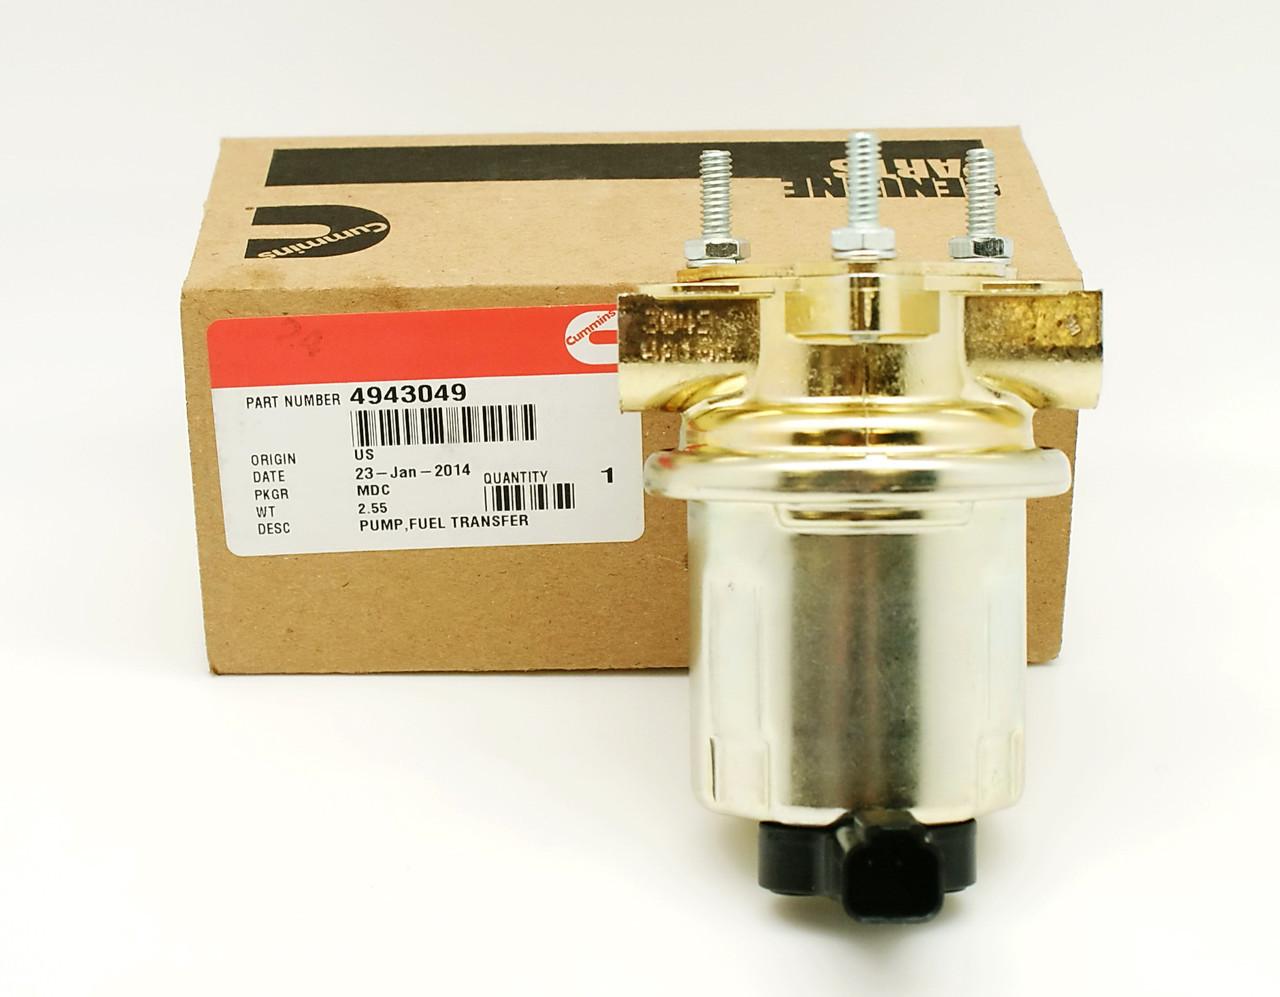 Топливный насос низкого давления (24V) Cummins QSB 4943049 5362274